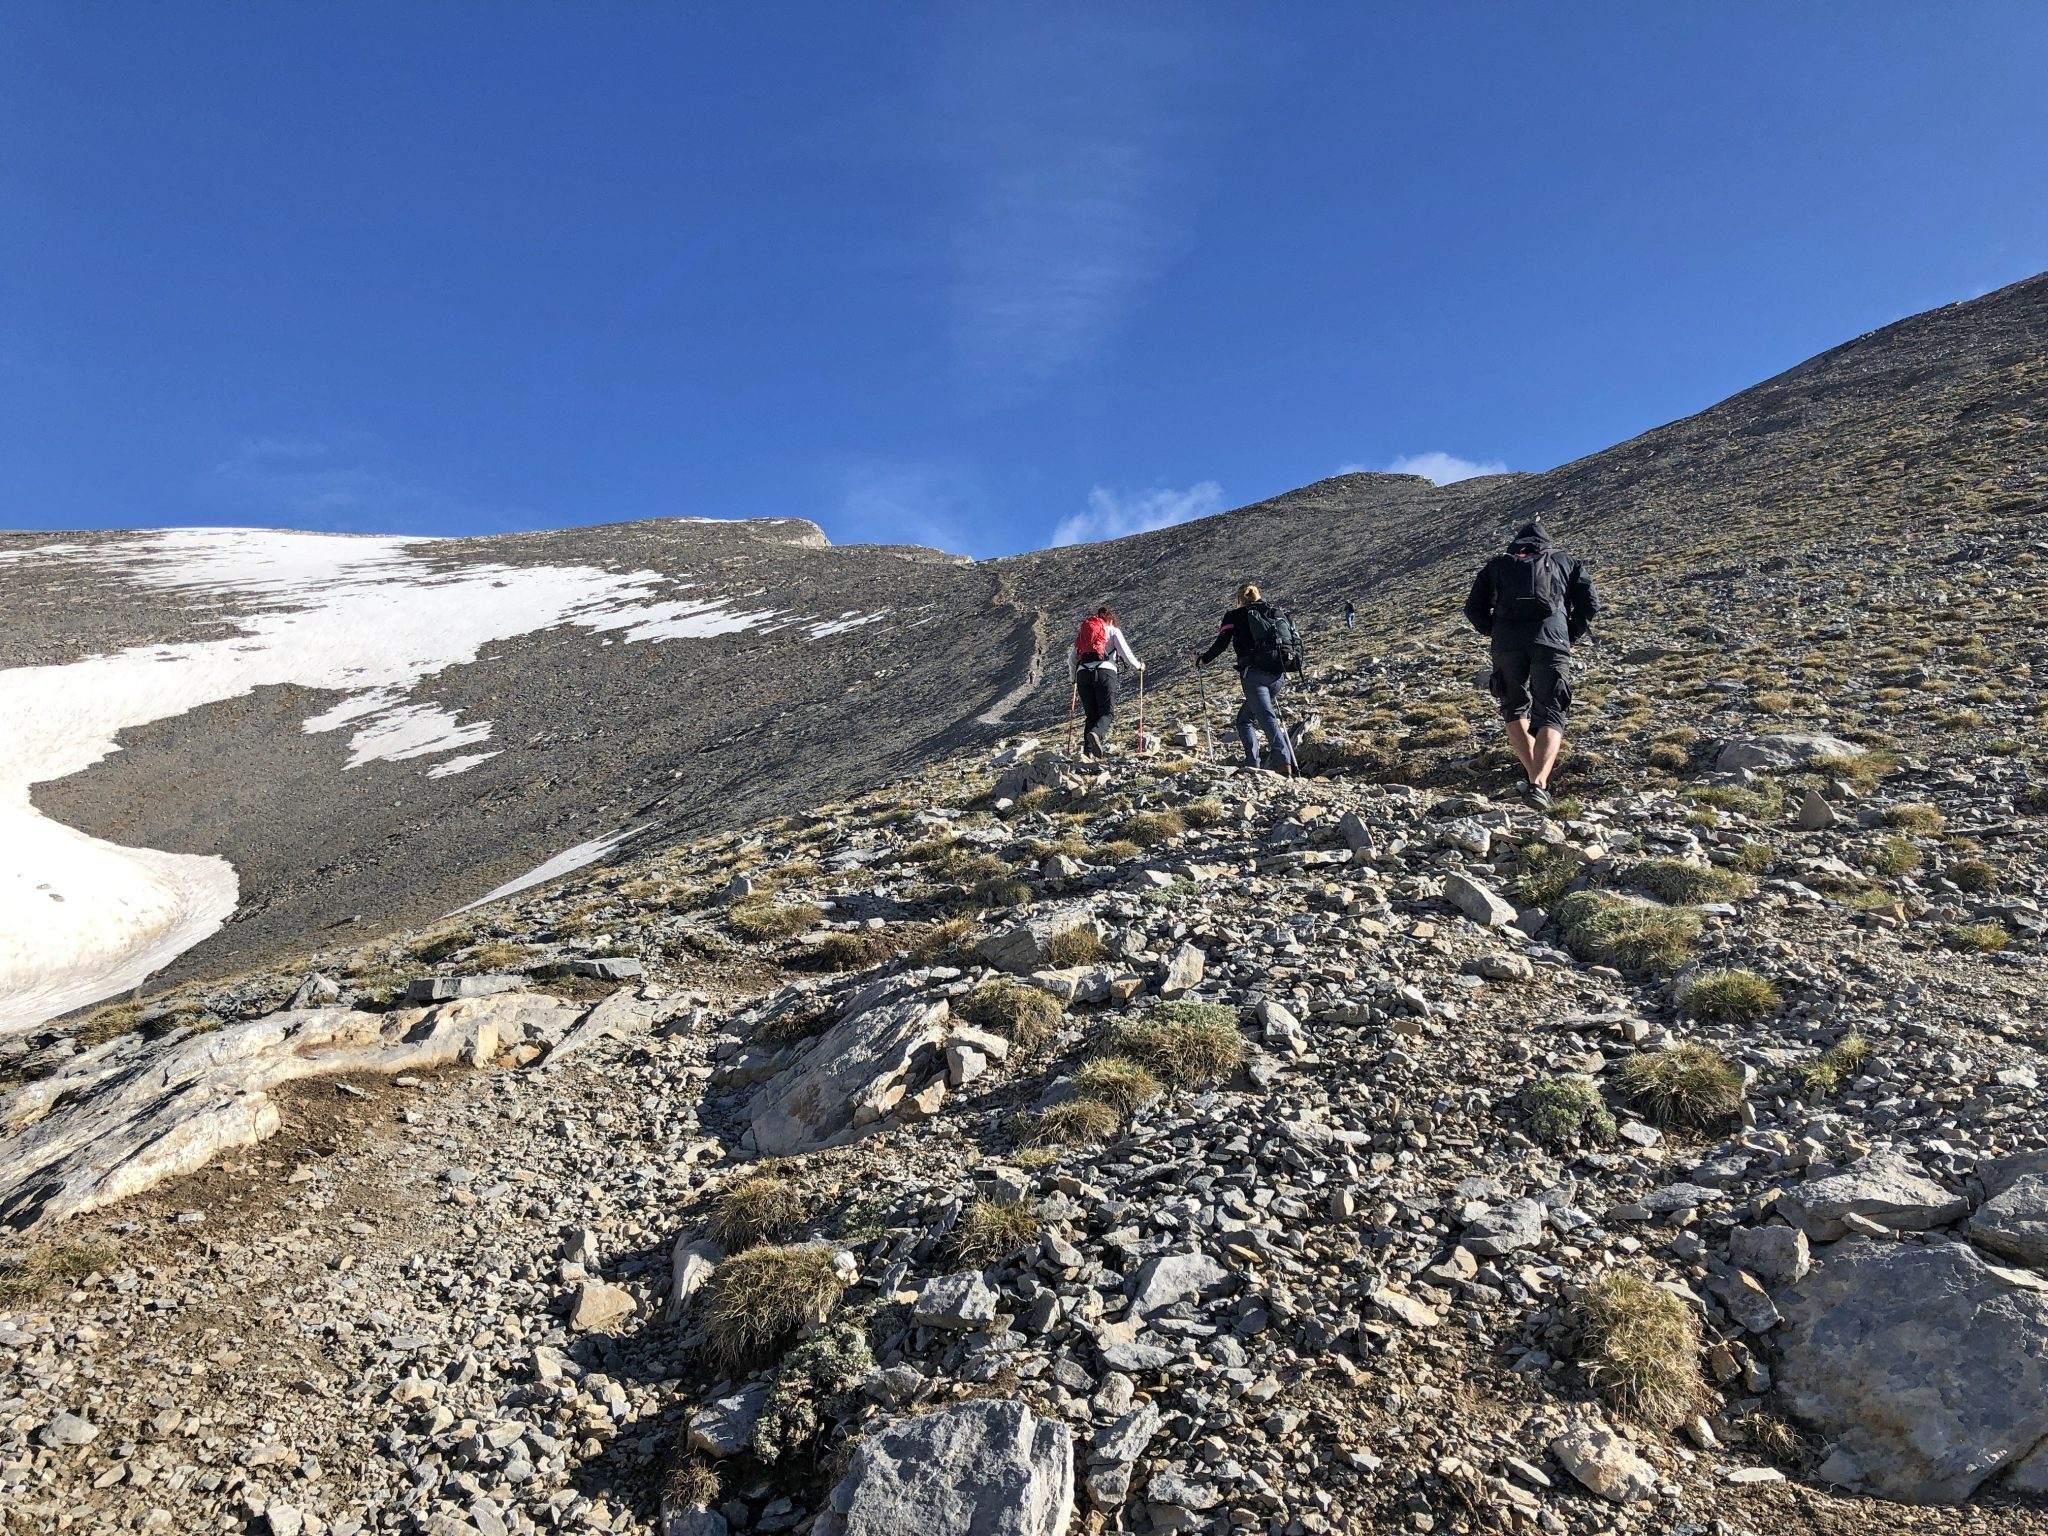 De laatste meters voor de top